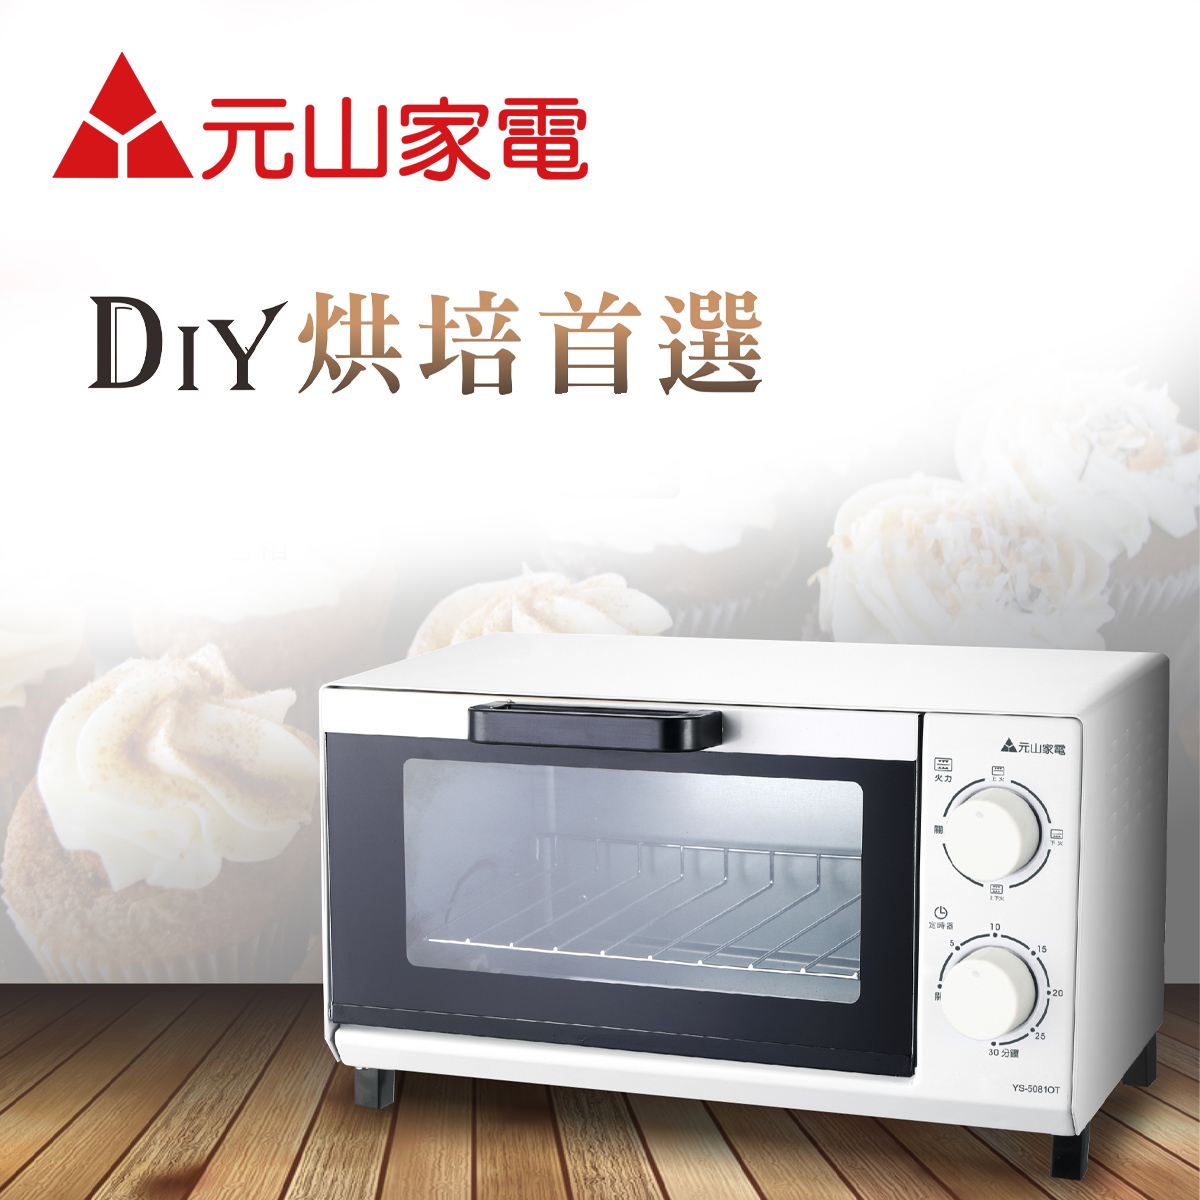 元山8L多功能電烤箱